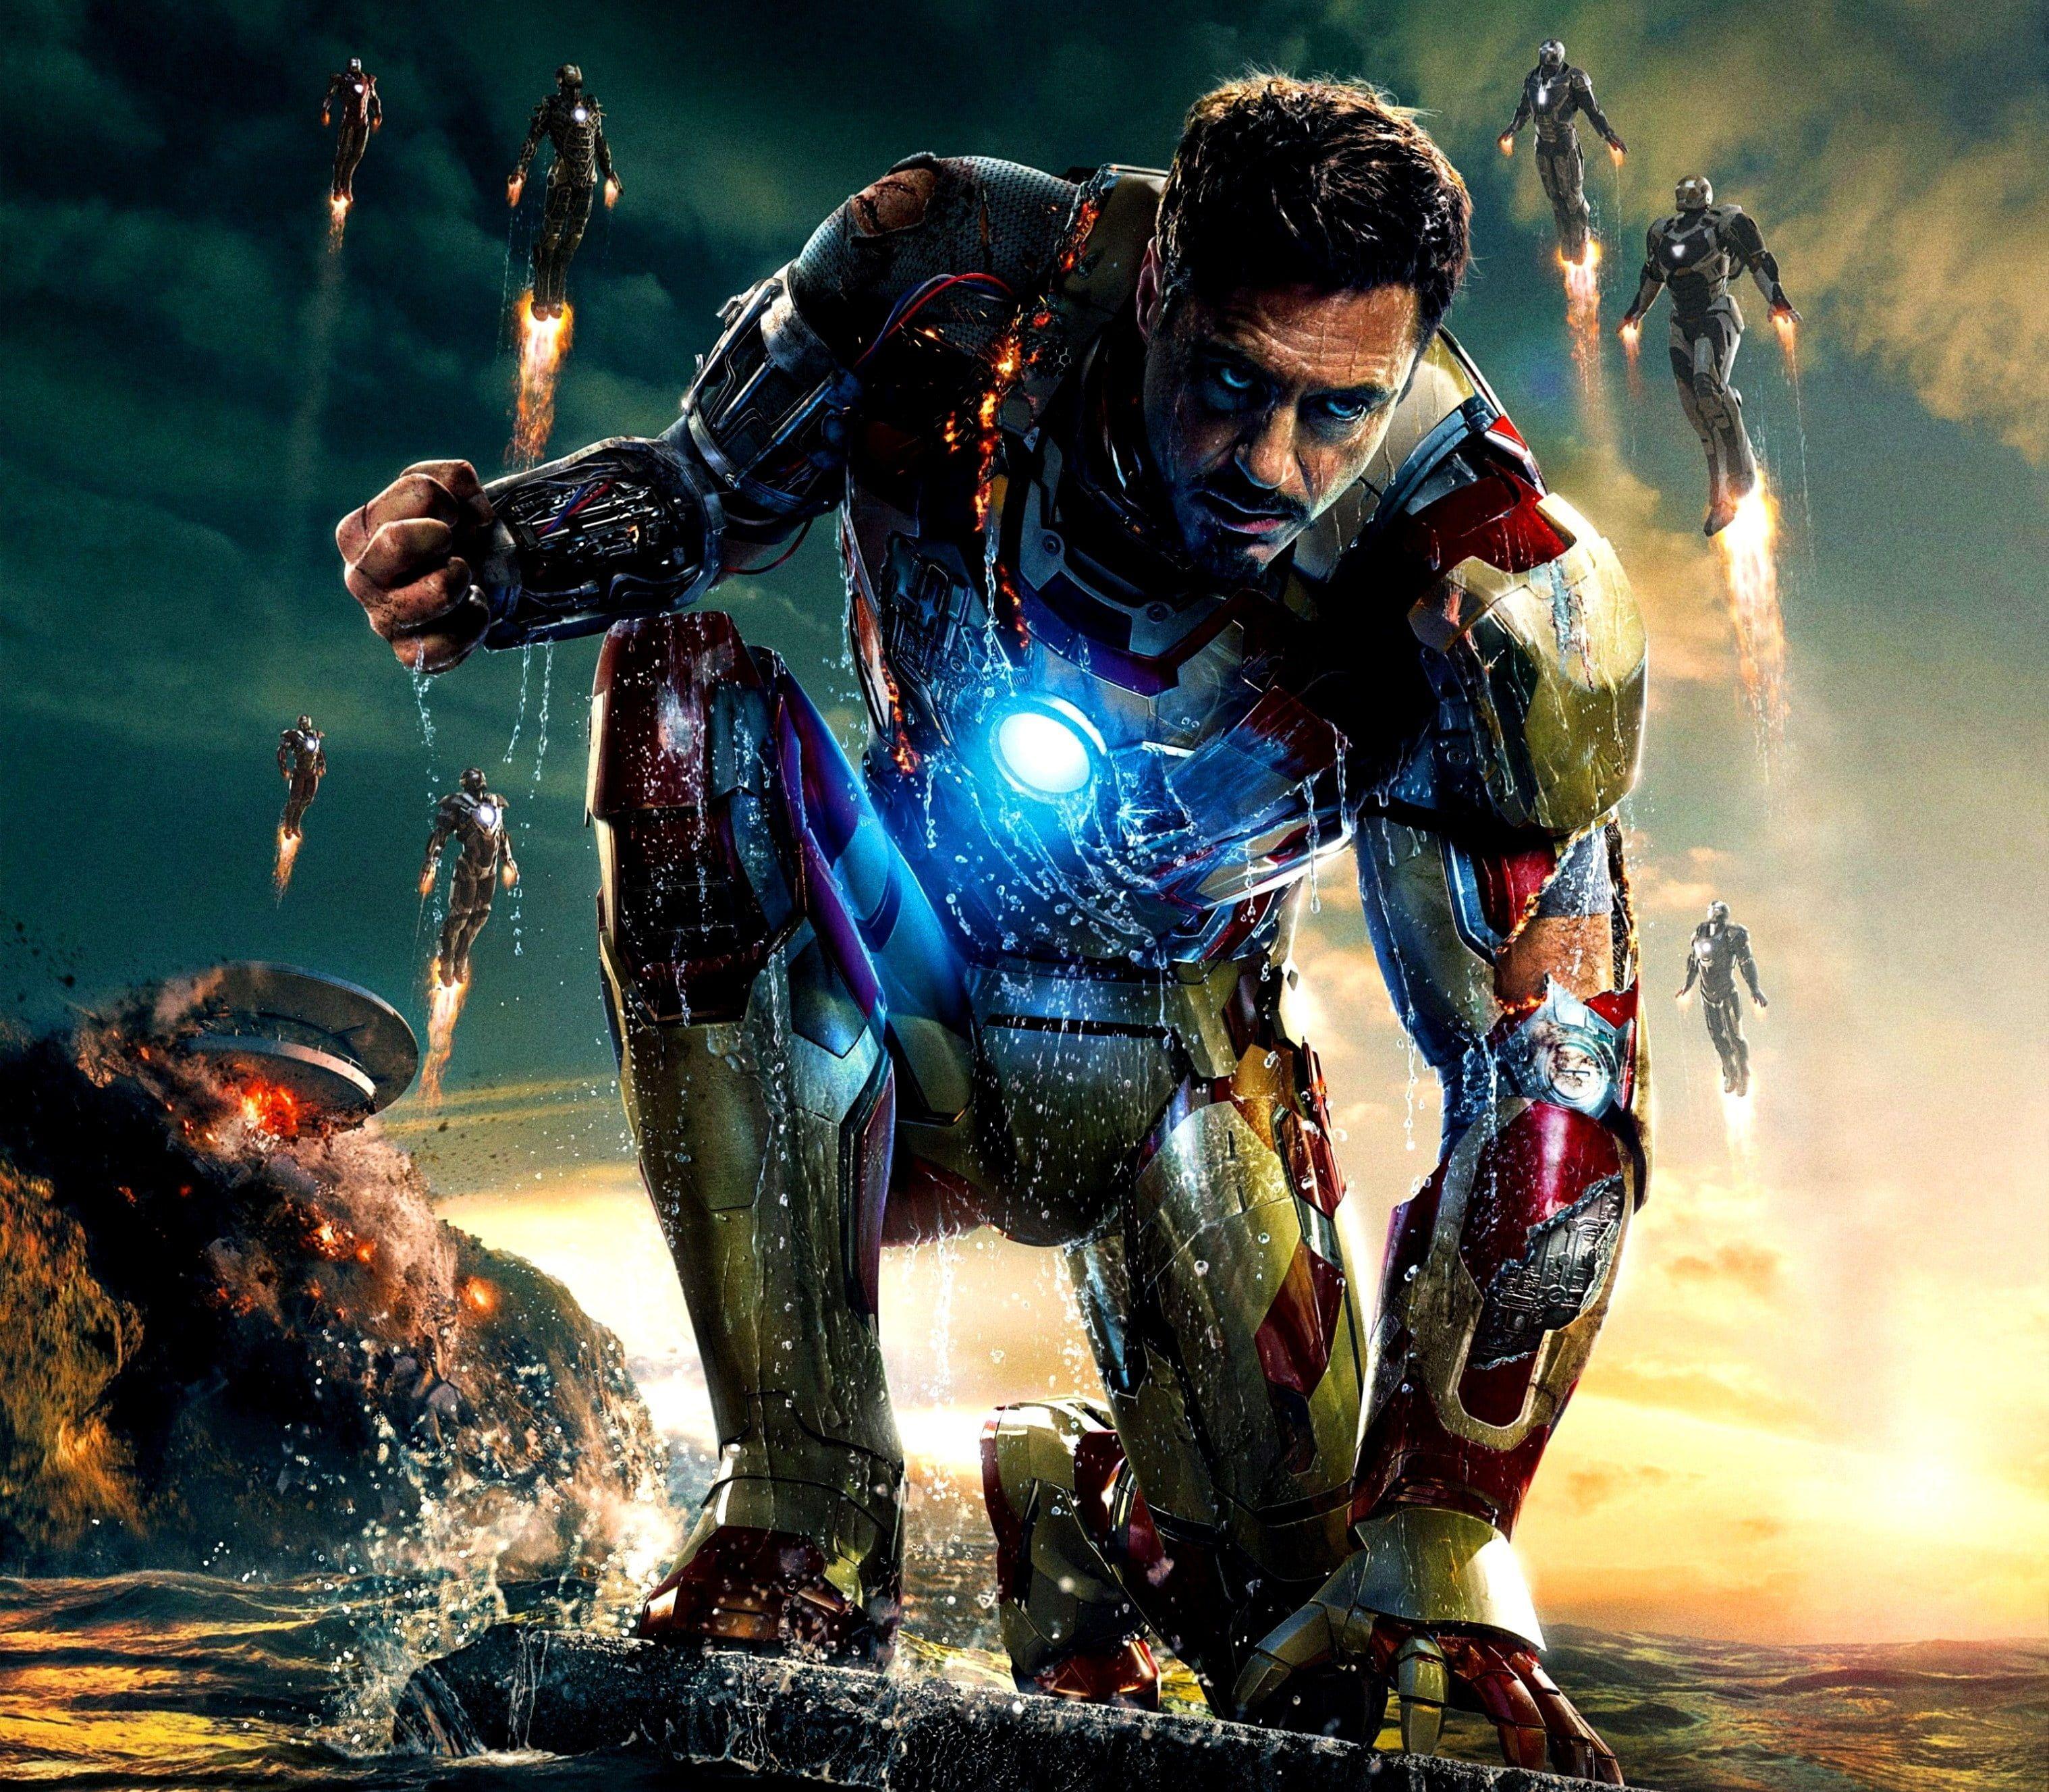 Iron Man 4 Hd Free Wallpaper Download Iron Man Hd Wallpaper Iron Man Wallpaper Iron Man Pictures